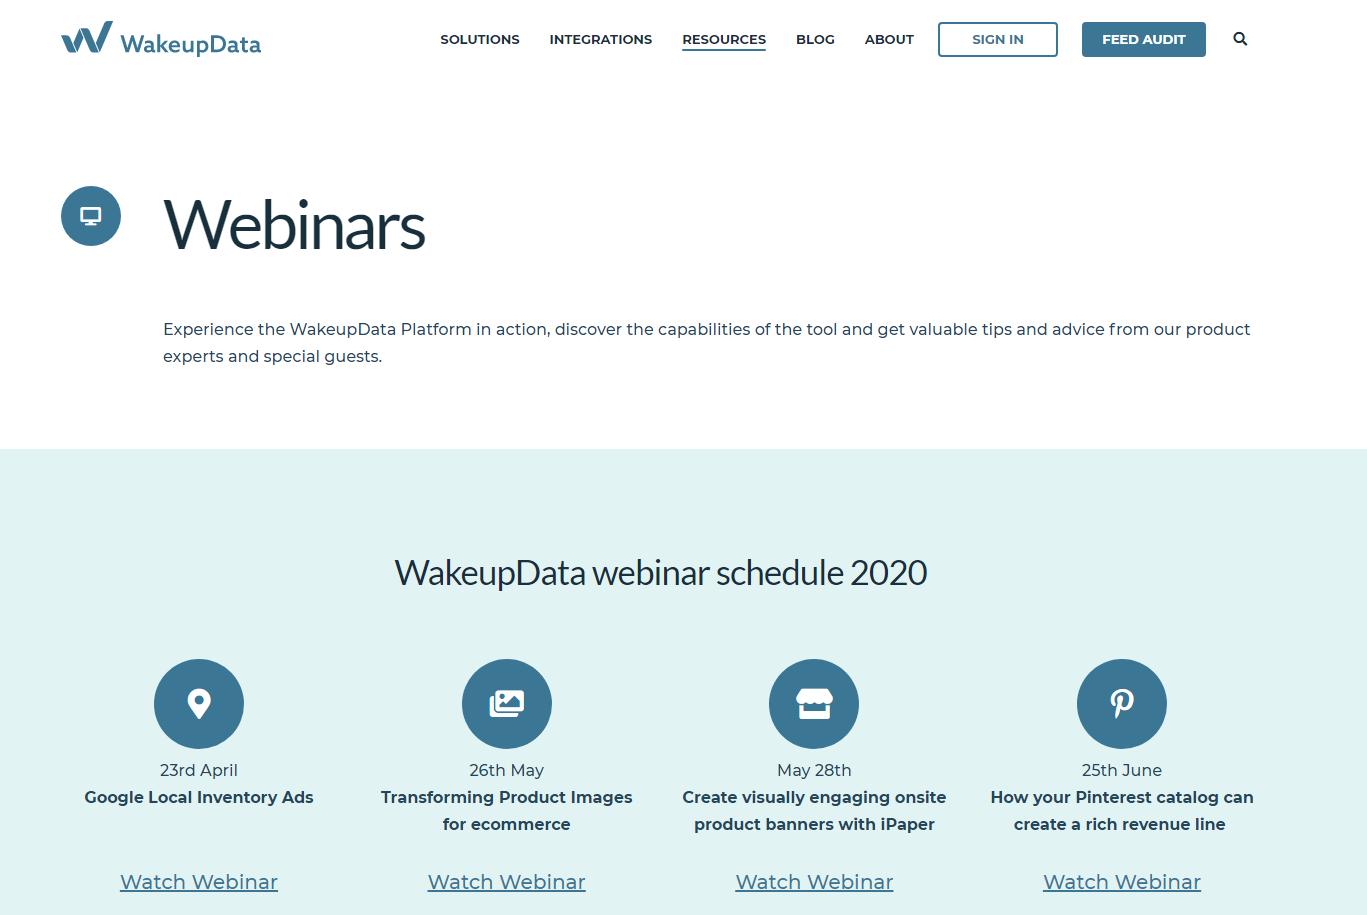 webinars screenshot